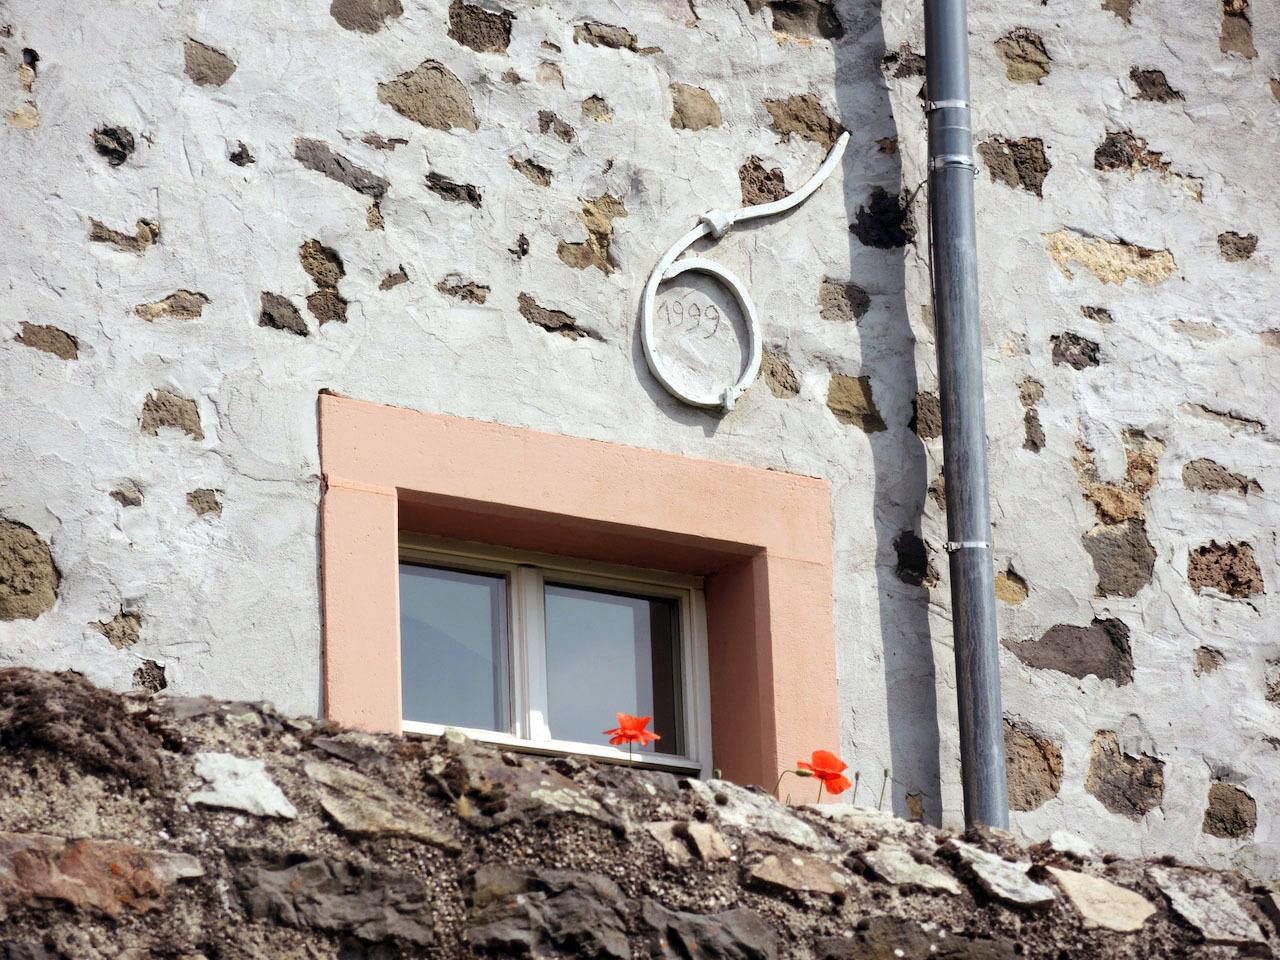 Friedberg の街で見かけた文字(2)おもしろい数字がたくさん_e0175918_03215838.jpeg